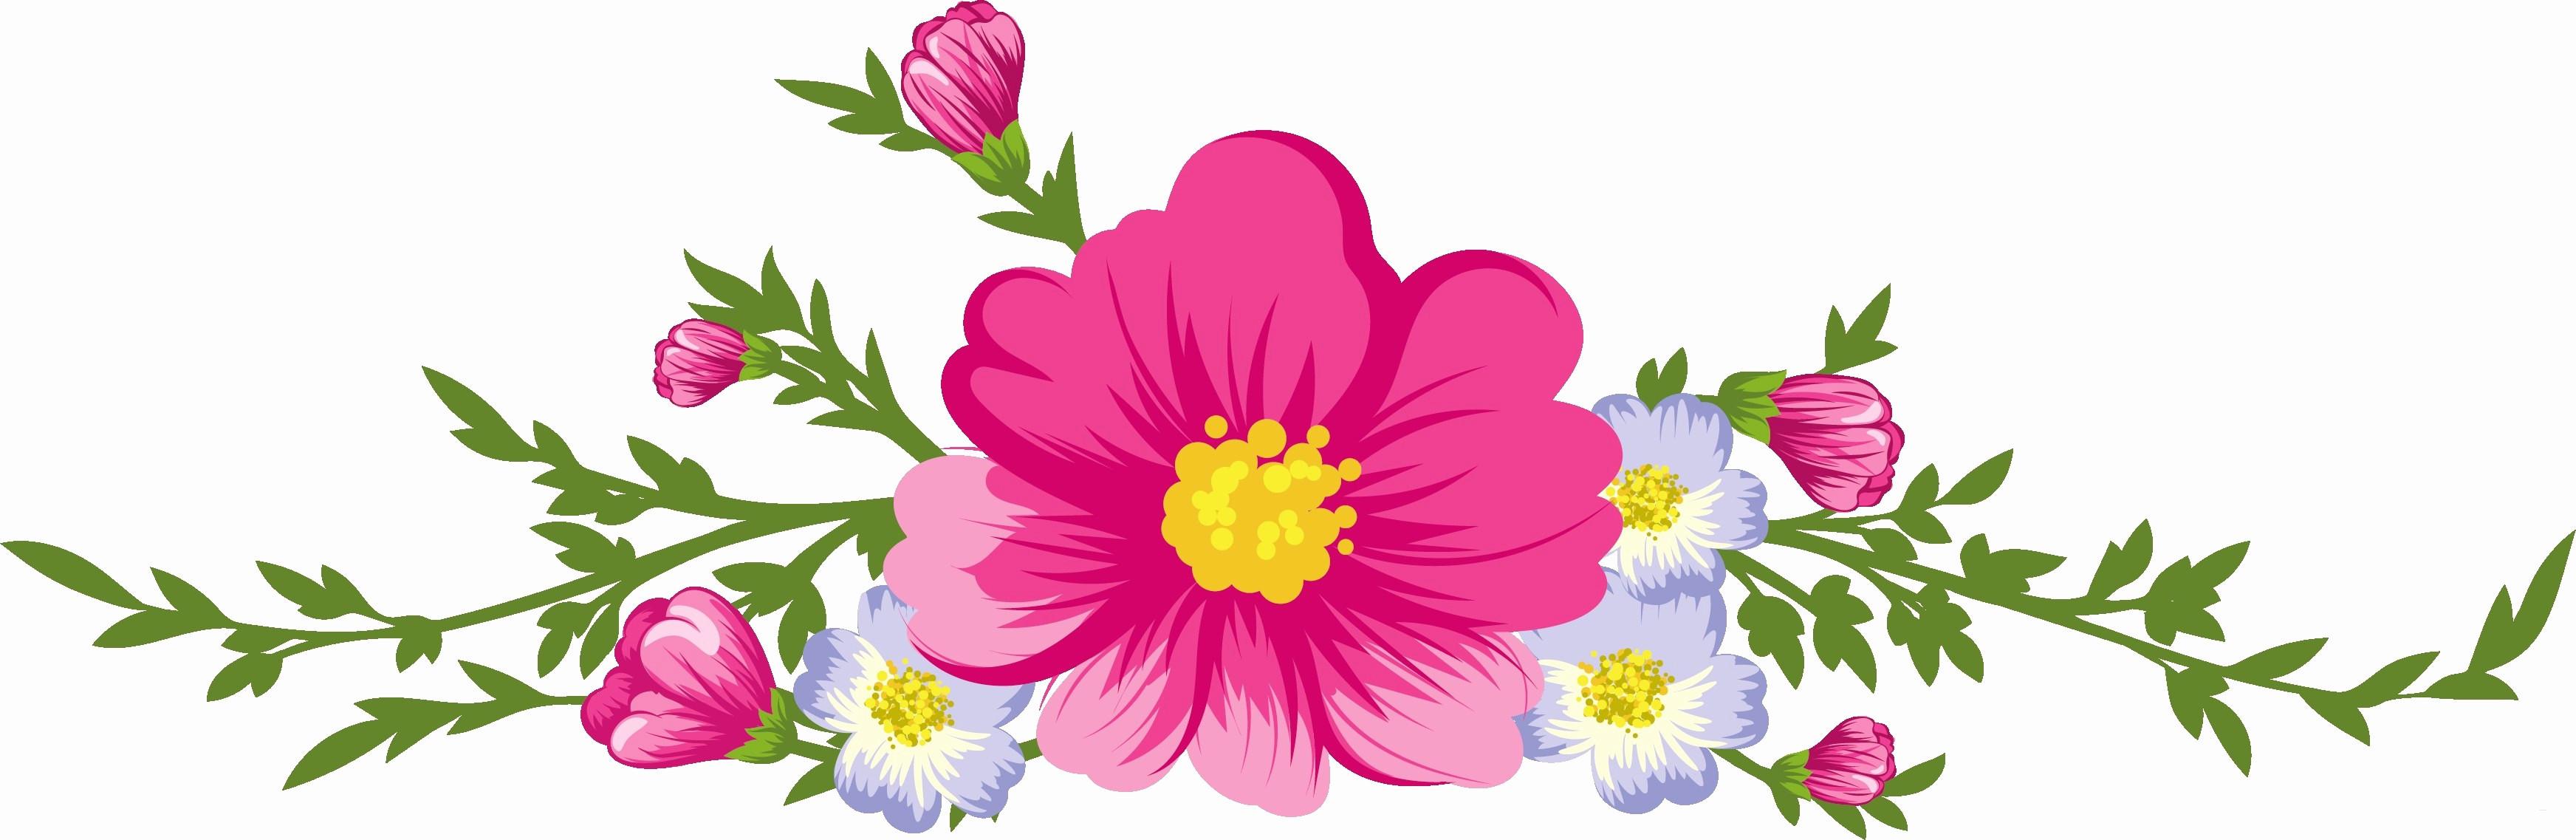 Elsa Bilder Zum Ausdrucken Einzigartig 35 Inspirierend Vorlage Blume – Malvorlagen Ideen Das Bild